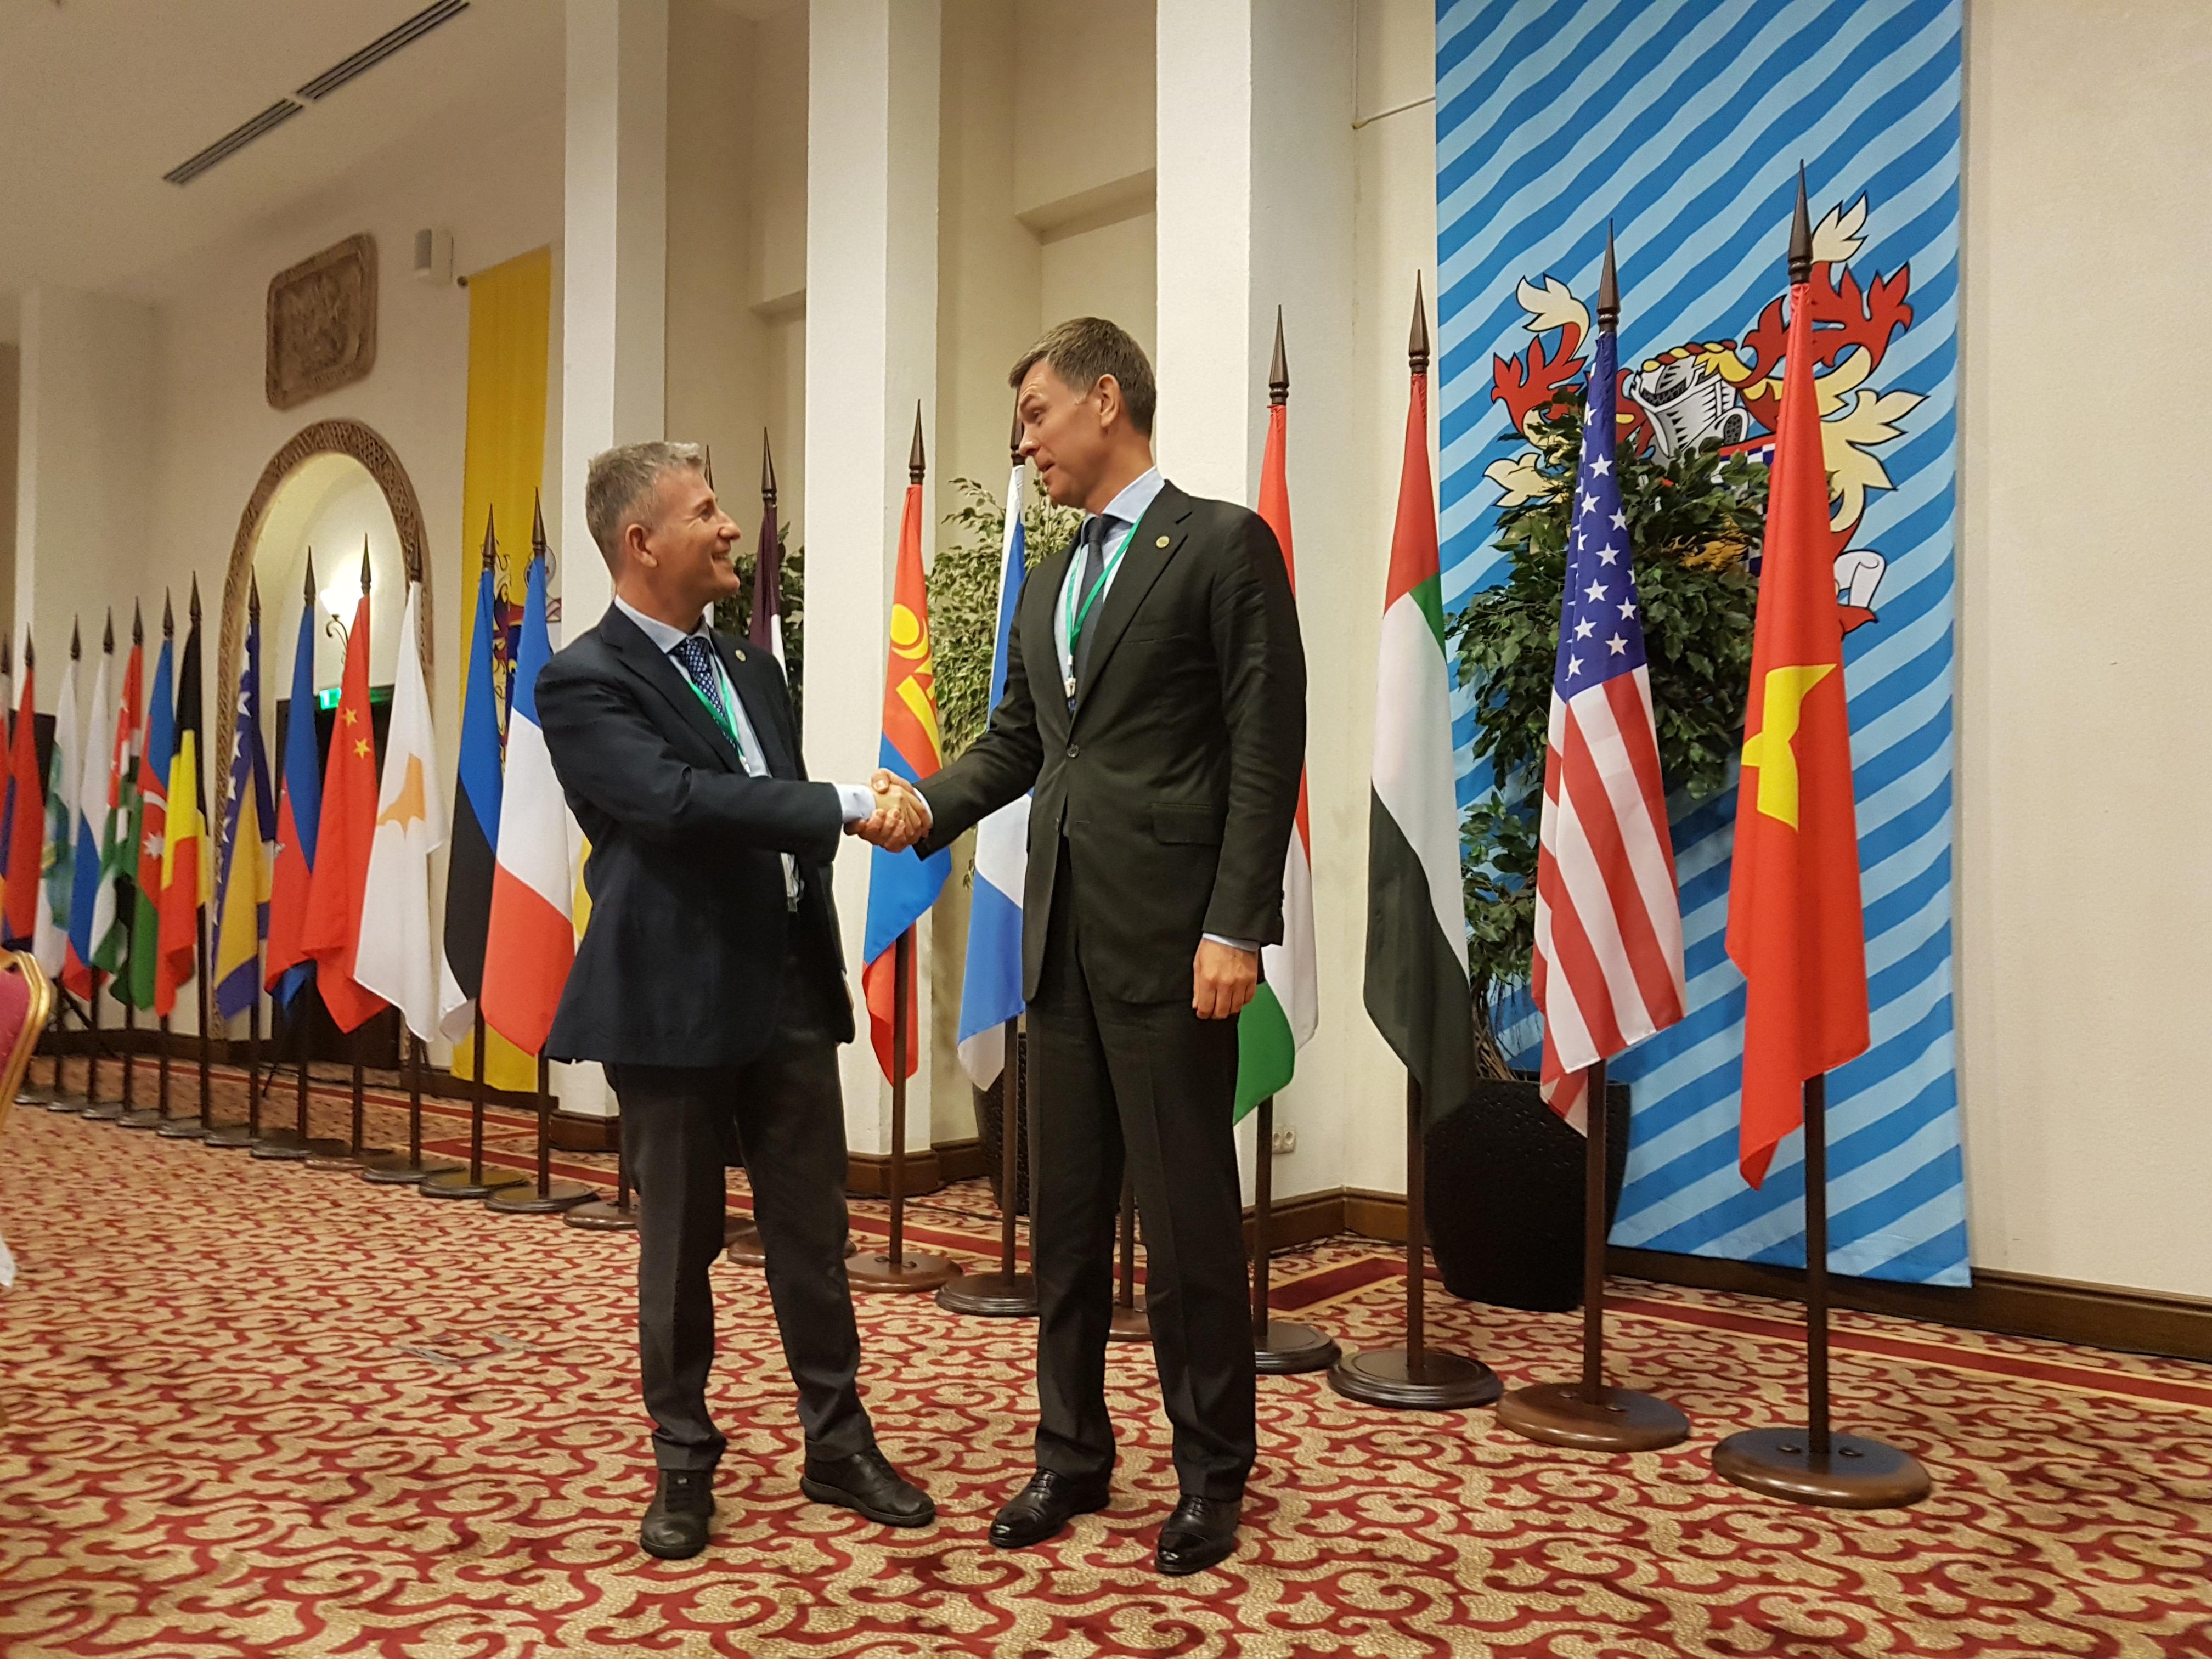 9° Conferenza internazionale a Sochi sull'esecuzione forzata